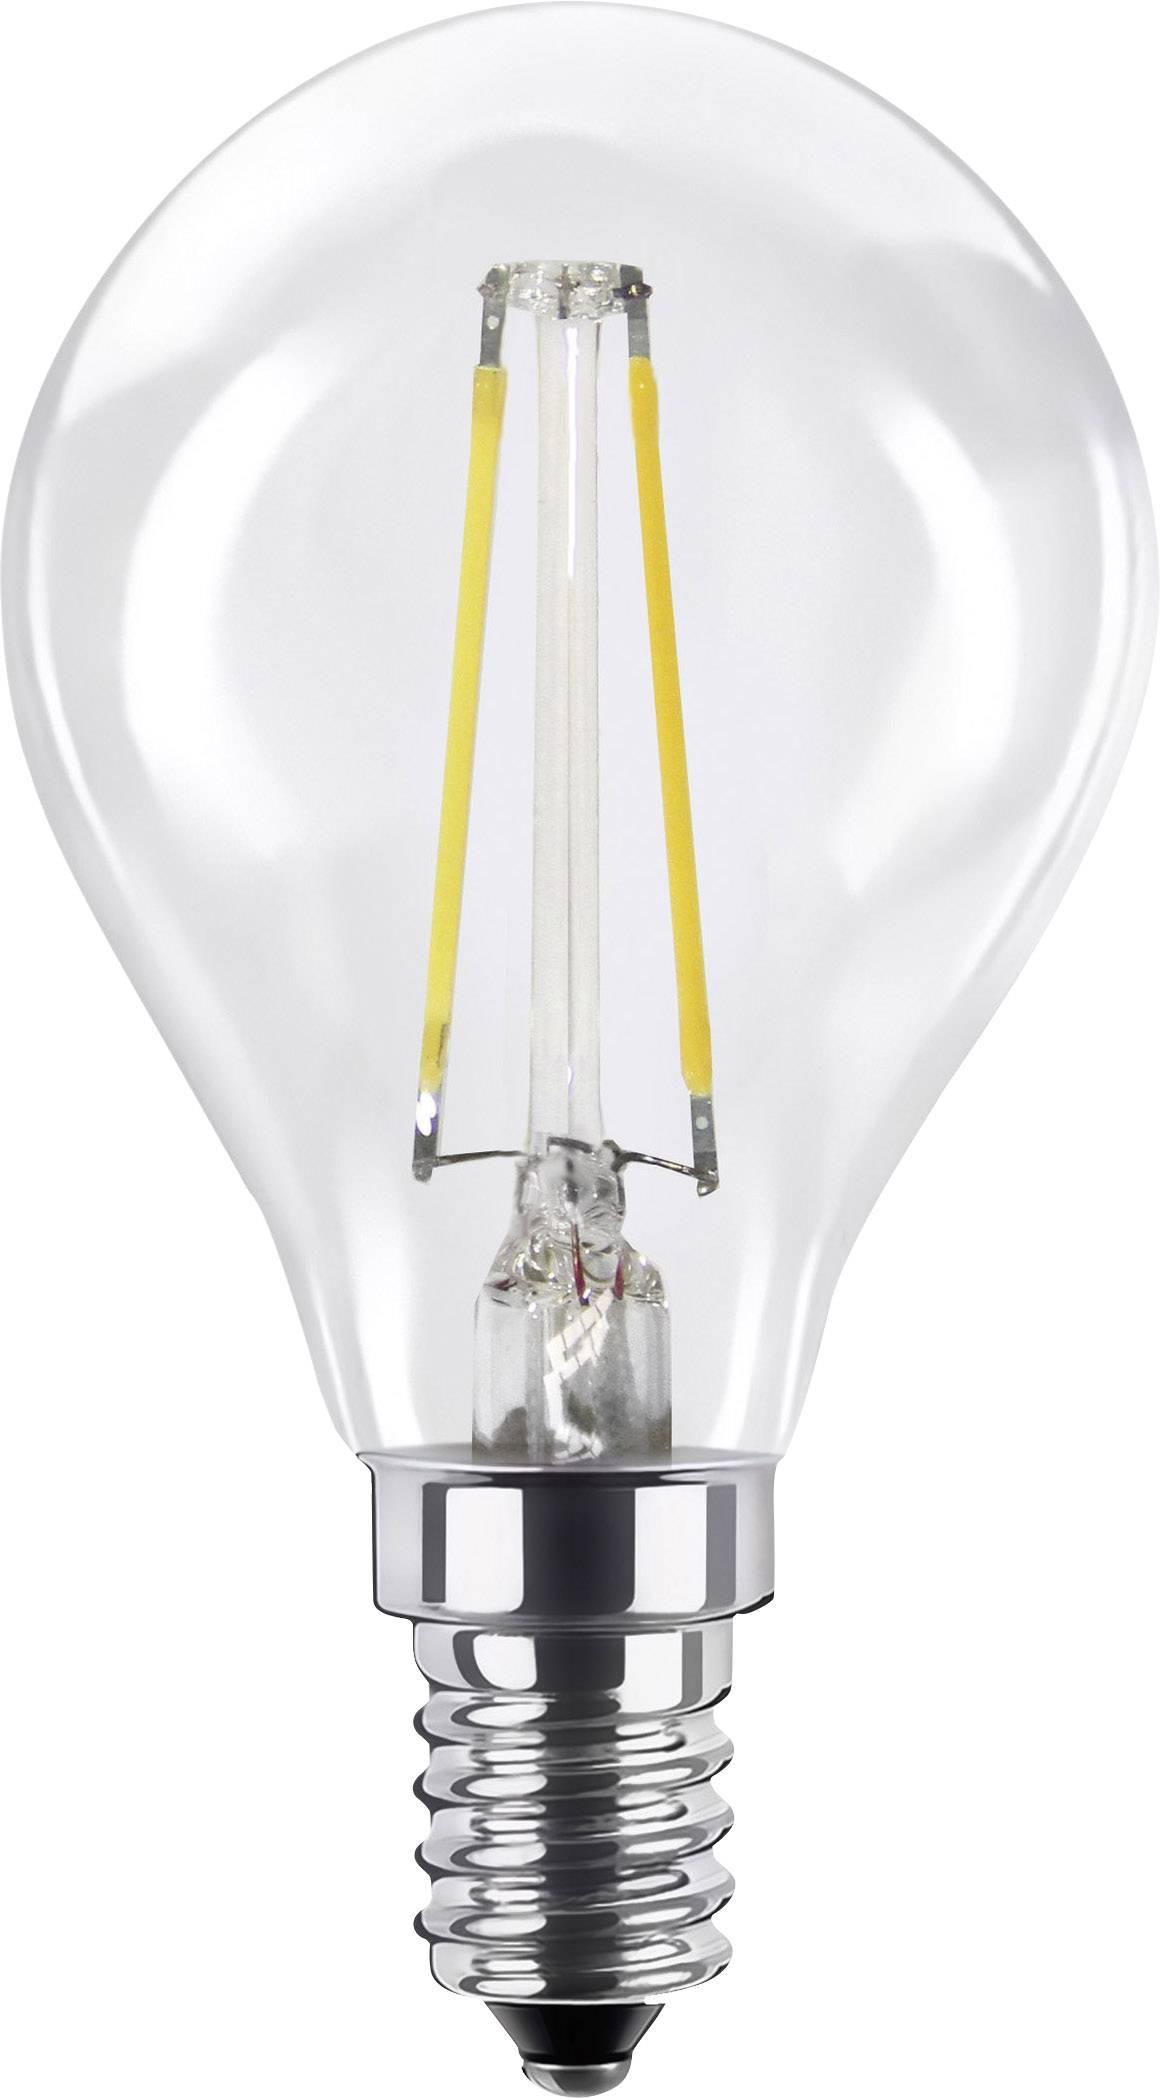 LED žiarovka Segula 60377 teplá biela, A++, 1 ks